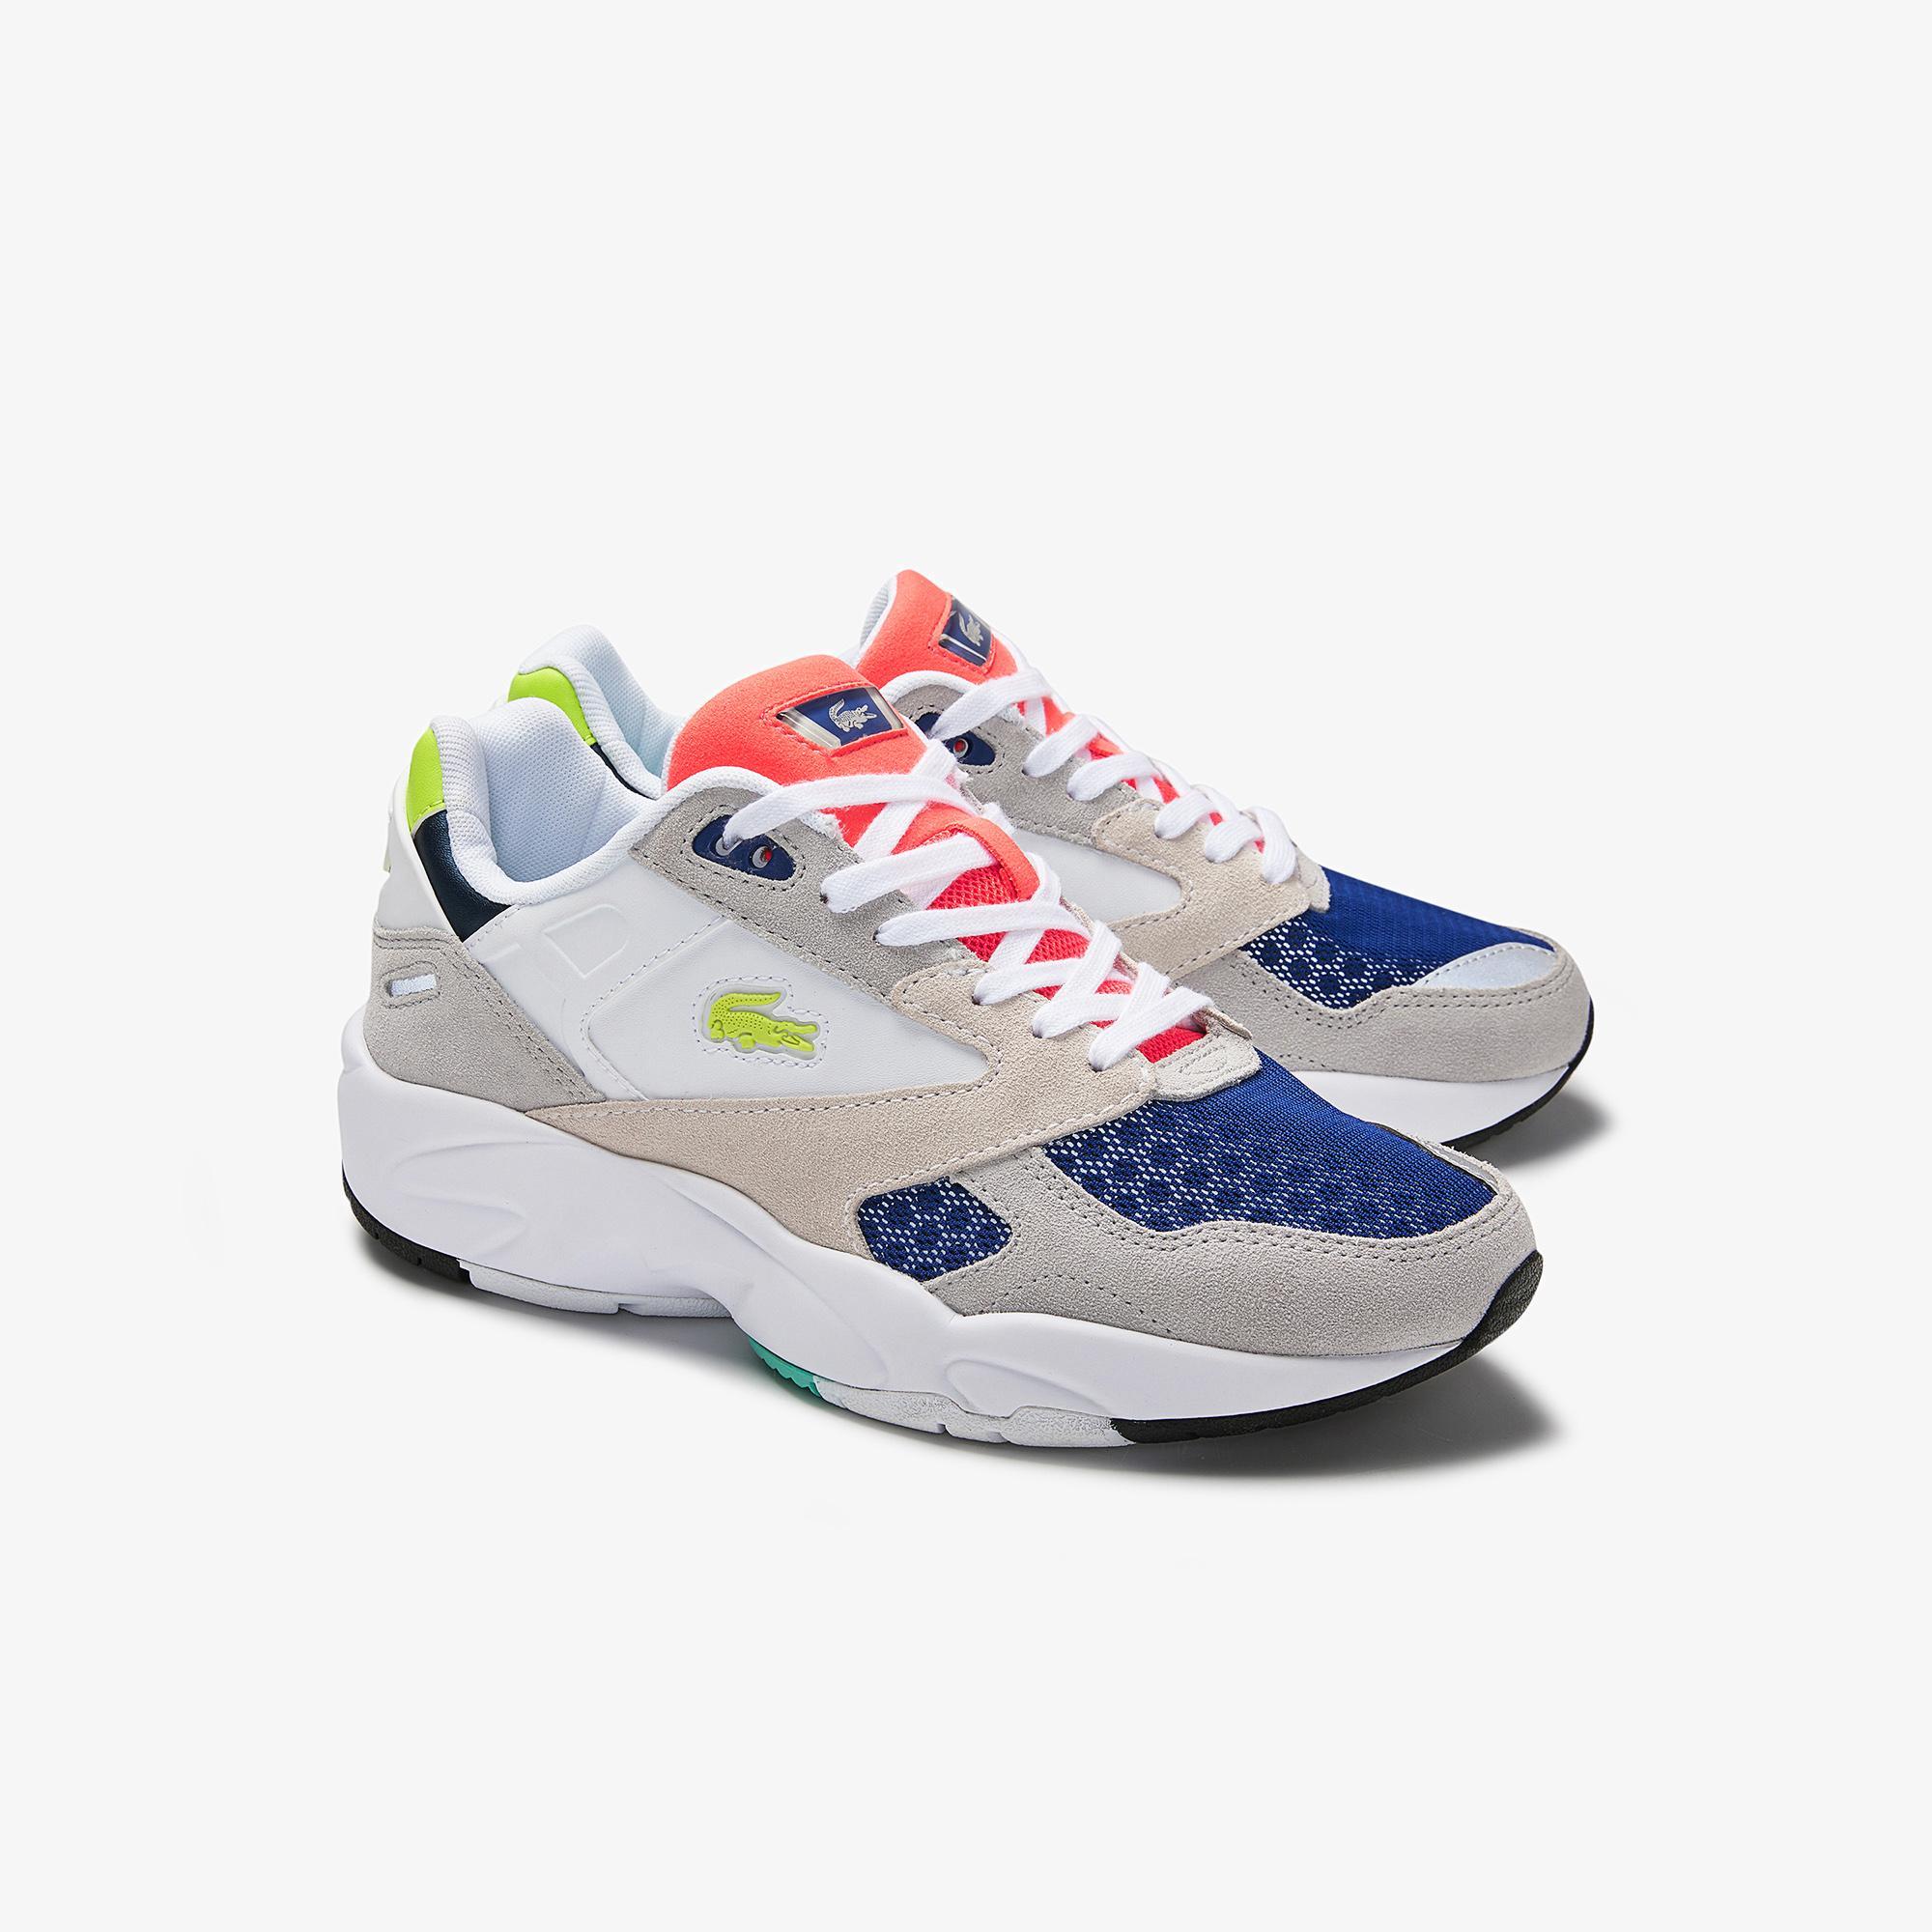 Lacoste Storm 96 Lo 0120 1 Sfa Kadın Renkli Sneaker